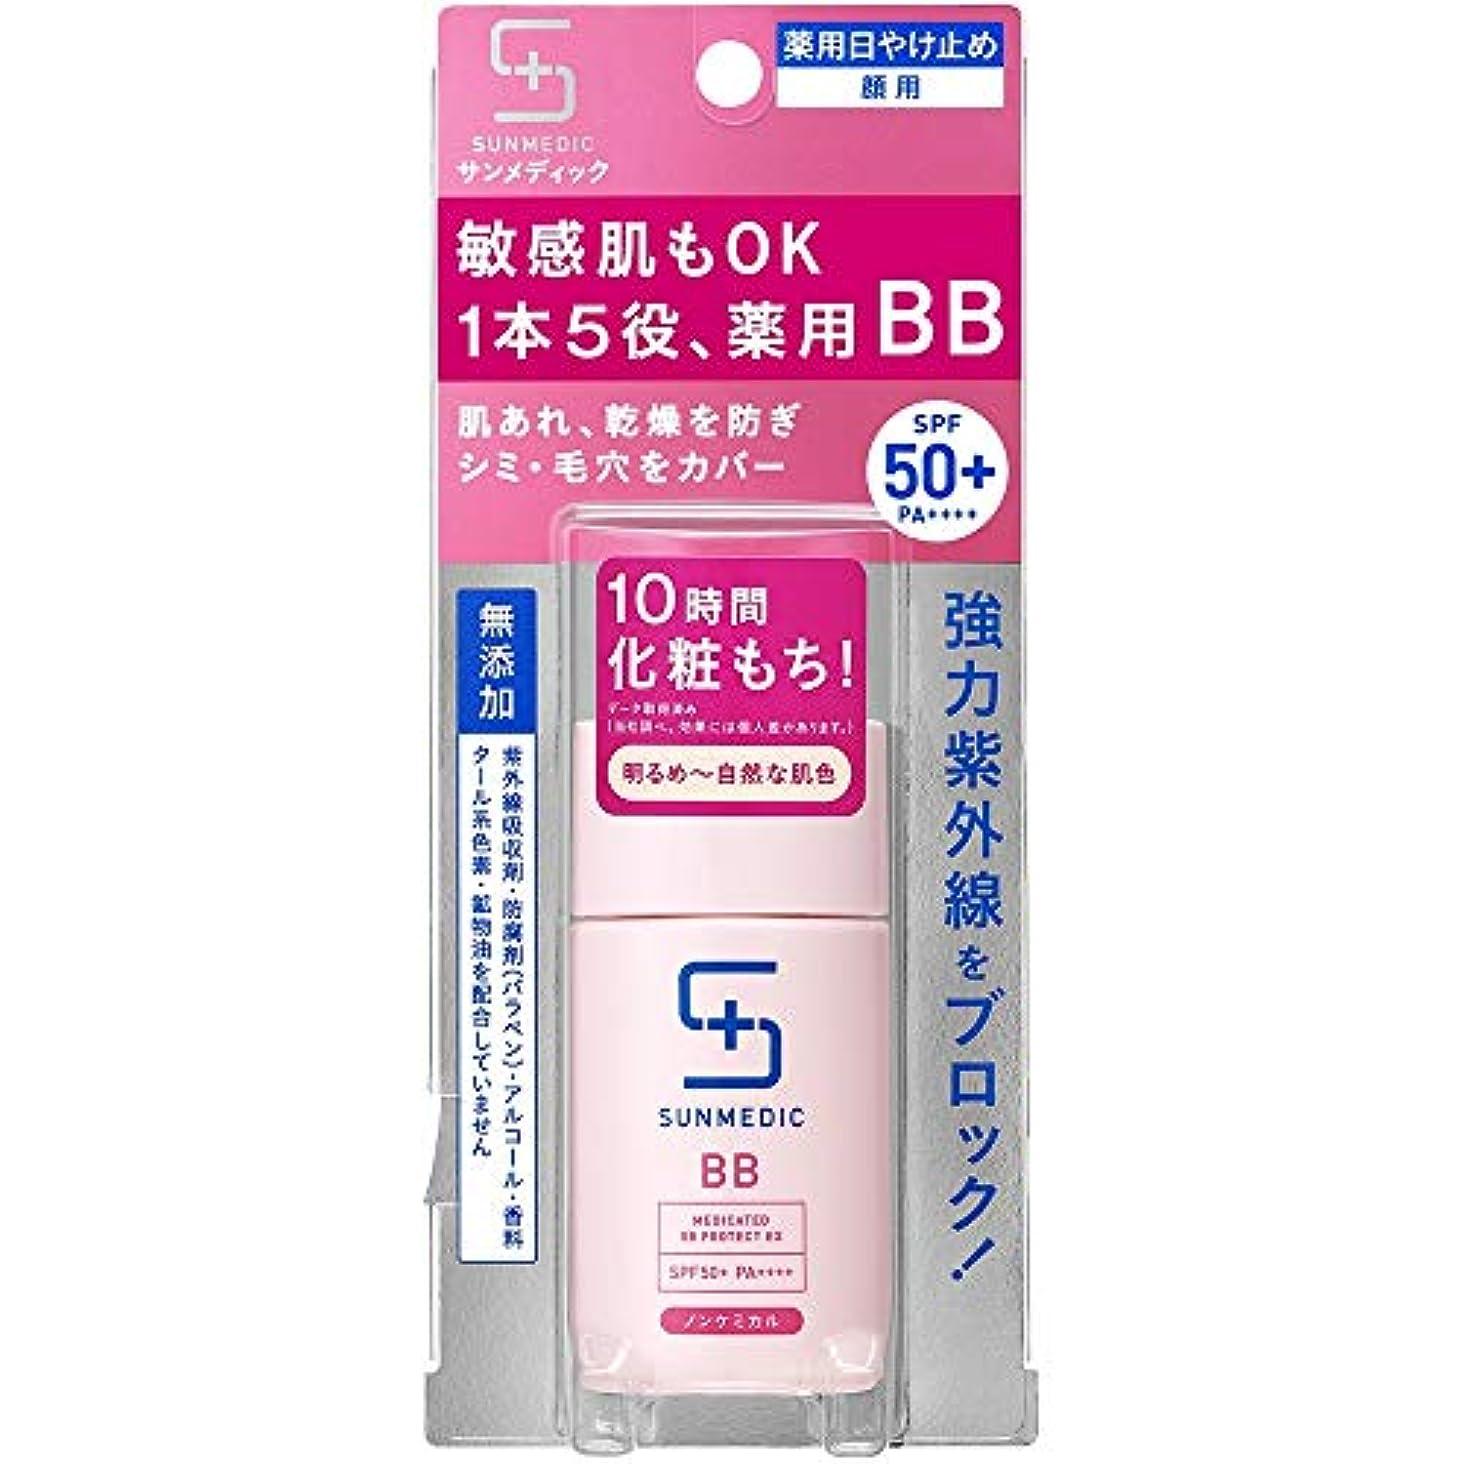 論理部分指定サンメディックUV 薬用BBプロテクトEX ライト 30ml (医薬部外品)